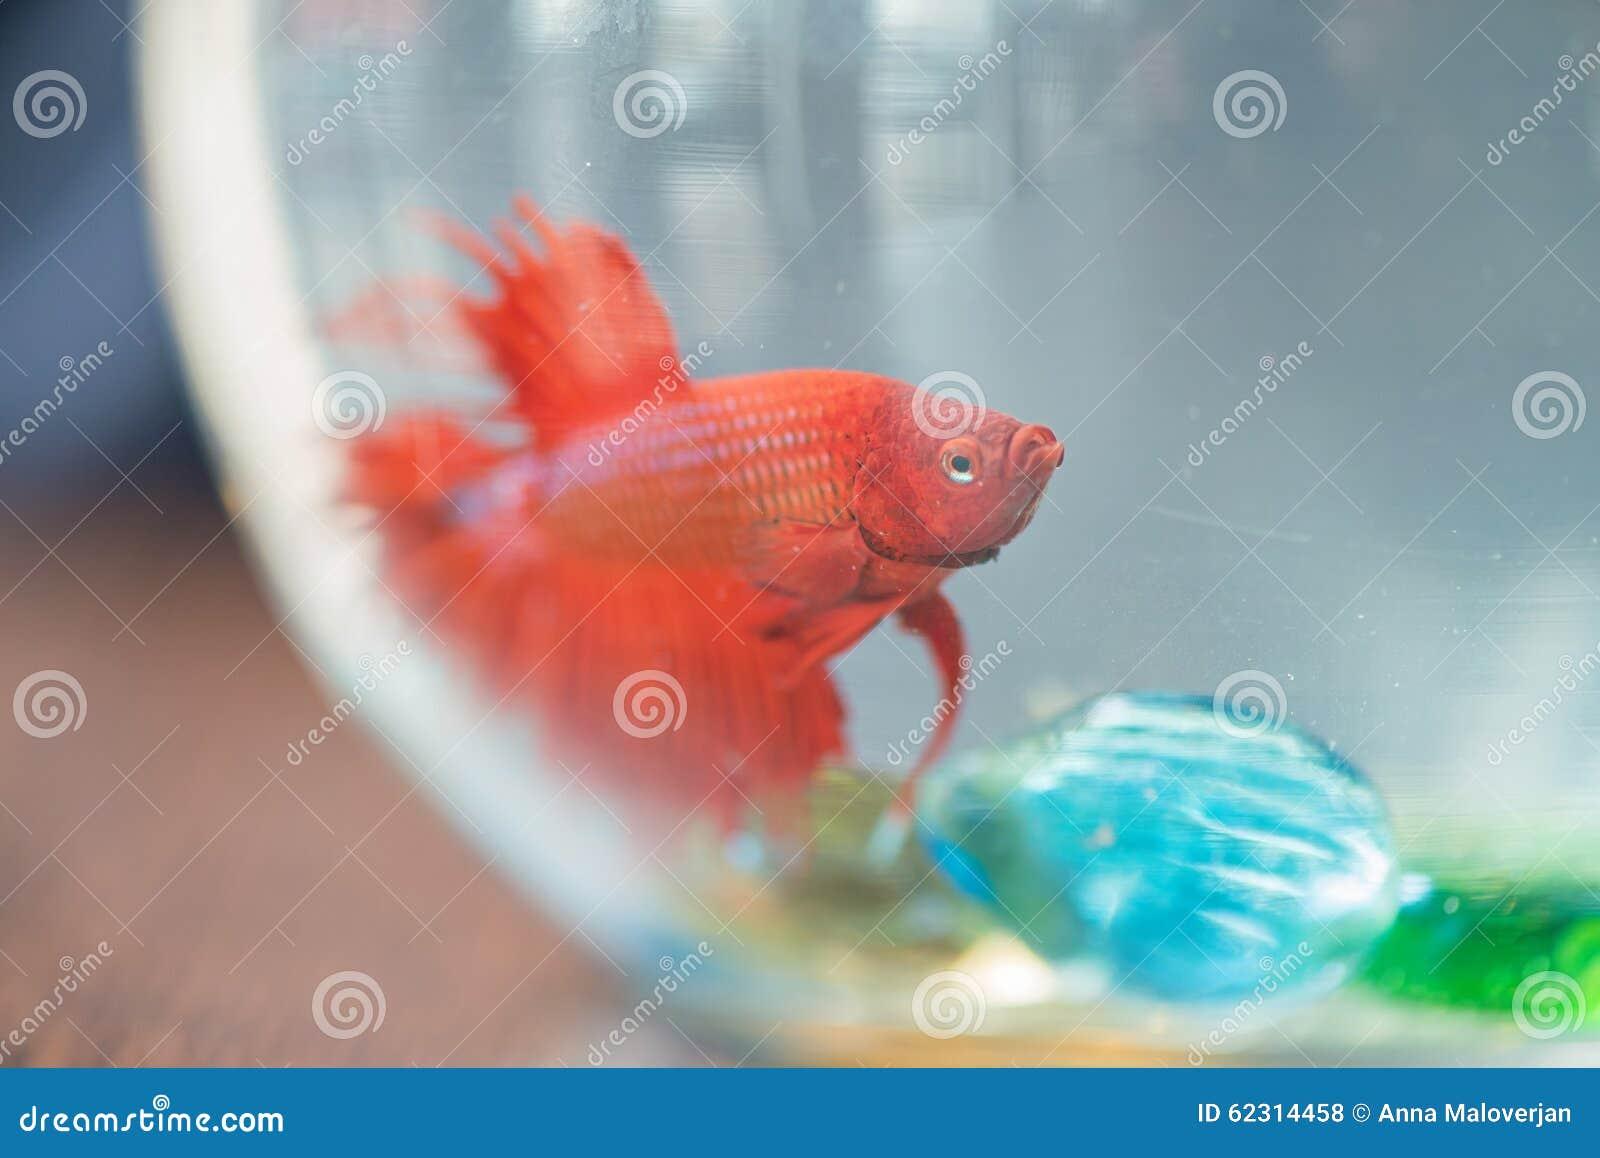 rote kleine fische im aquarium stockfoto bild von tropisch wildnis 62314458. Black Bedroom Furniture Sets. Home Design Ideas